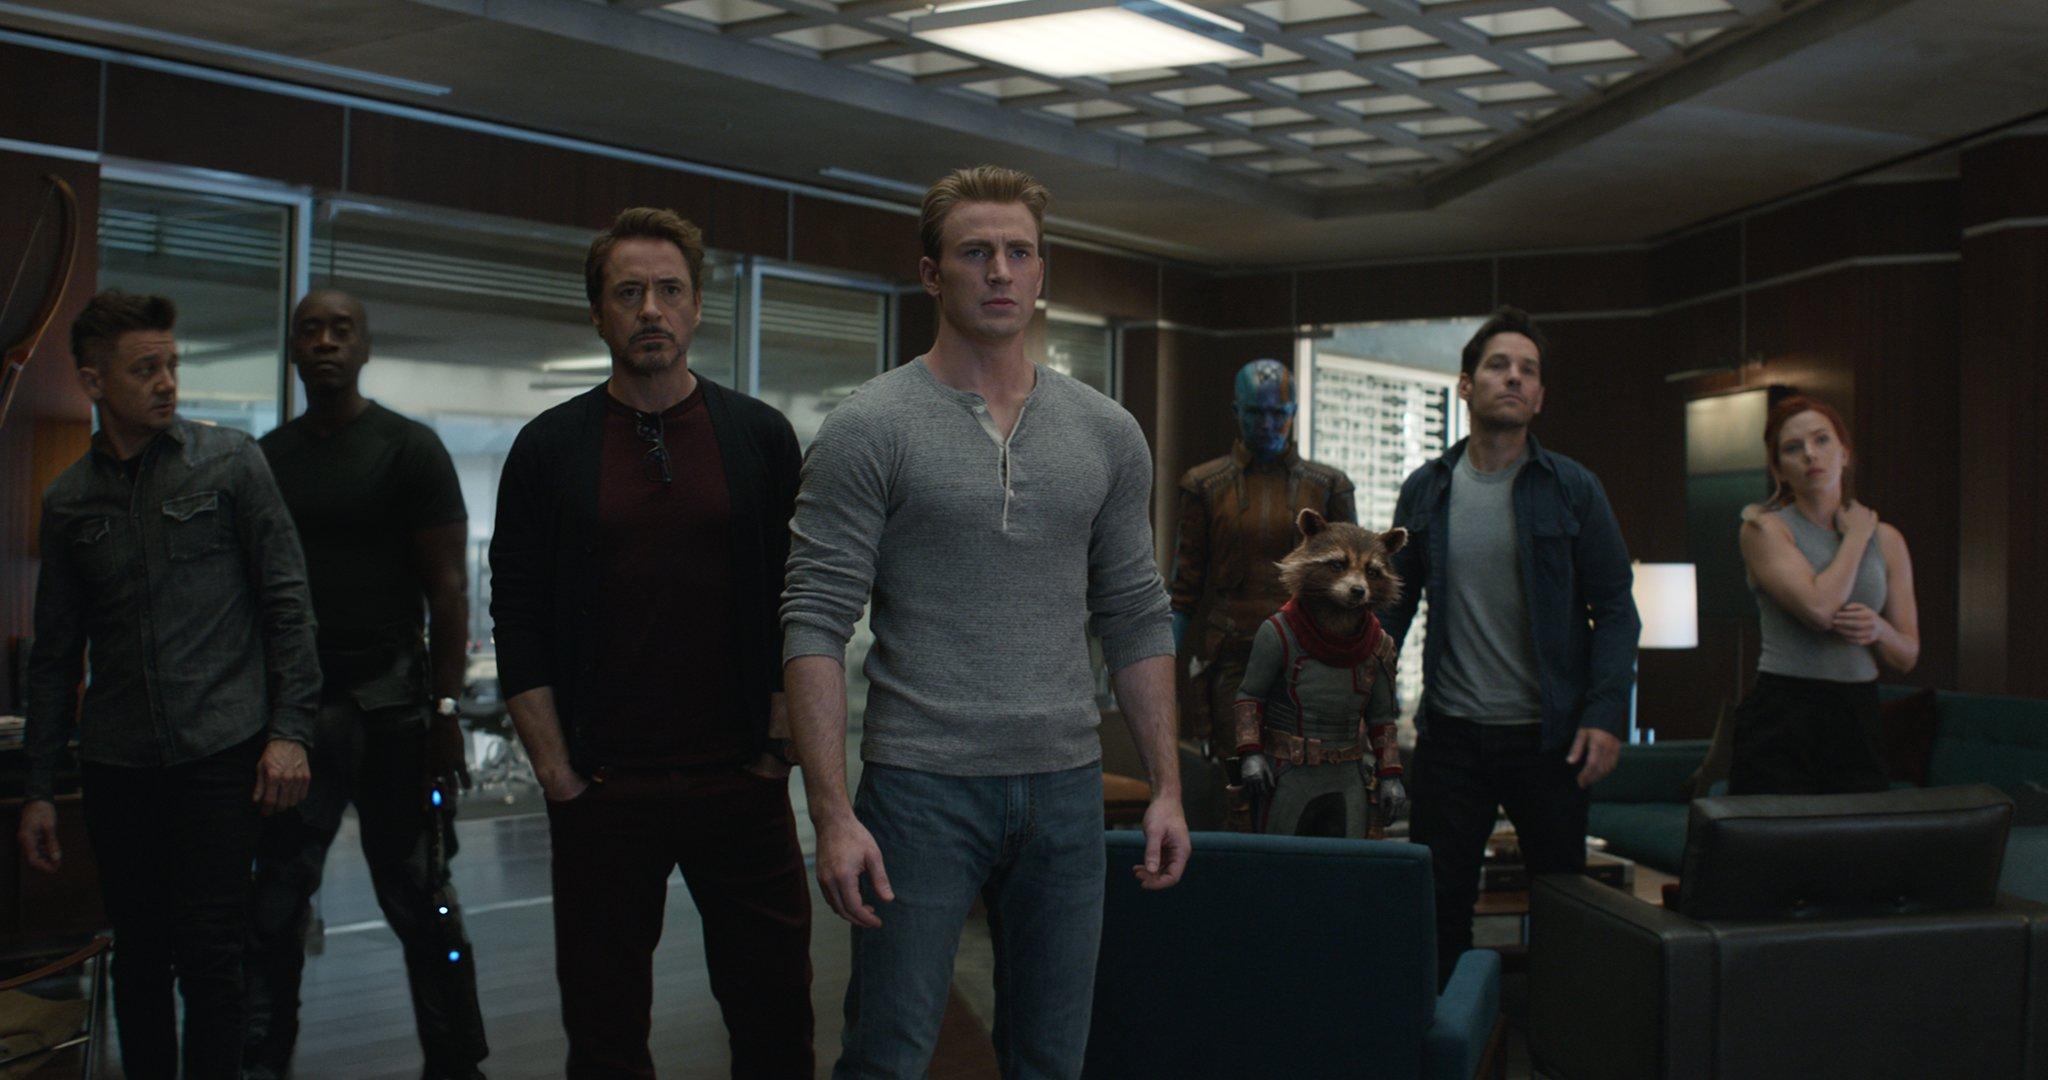 Avengers in Endgame